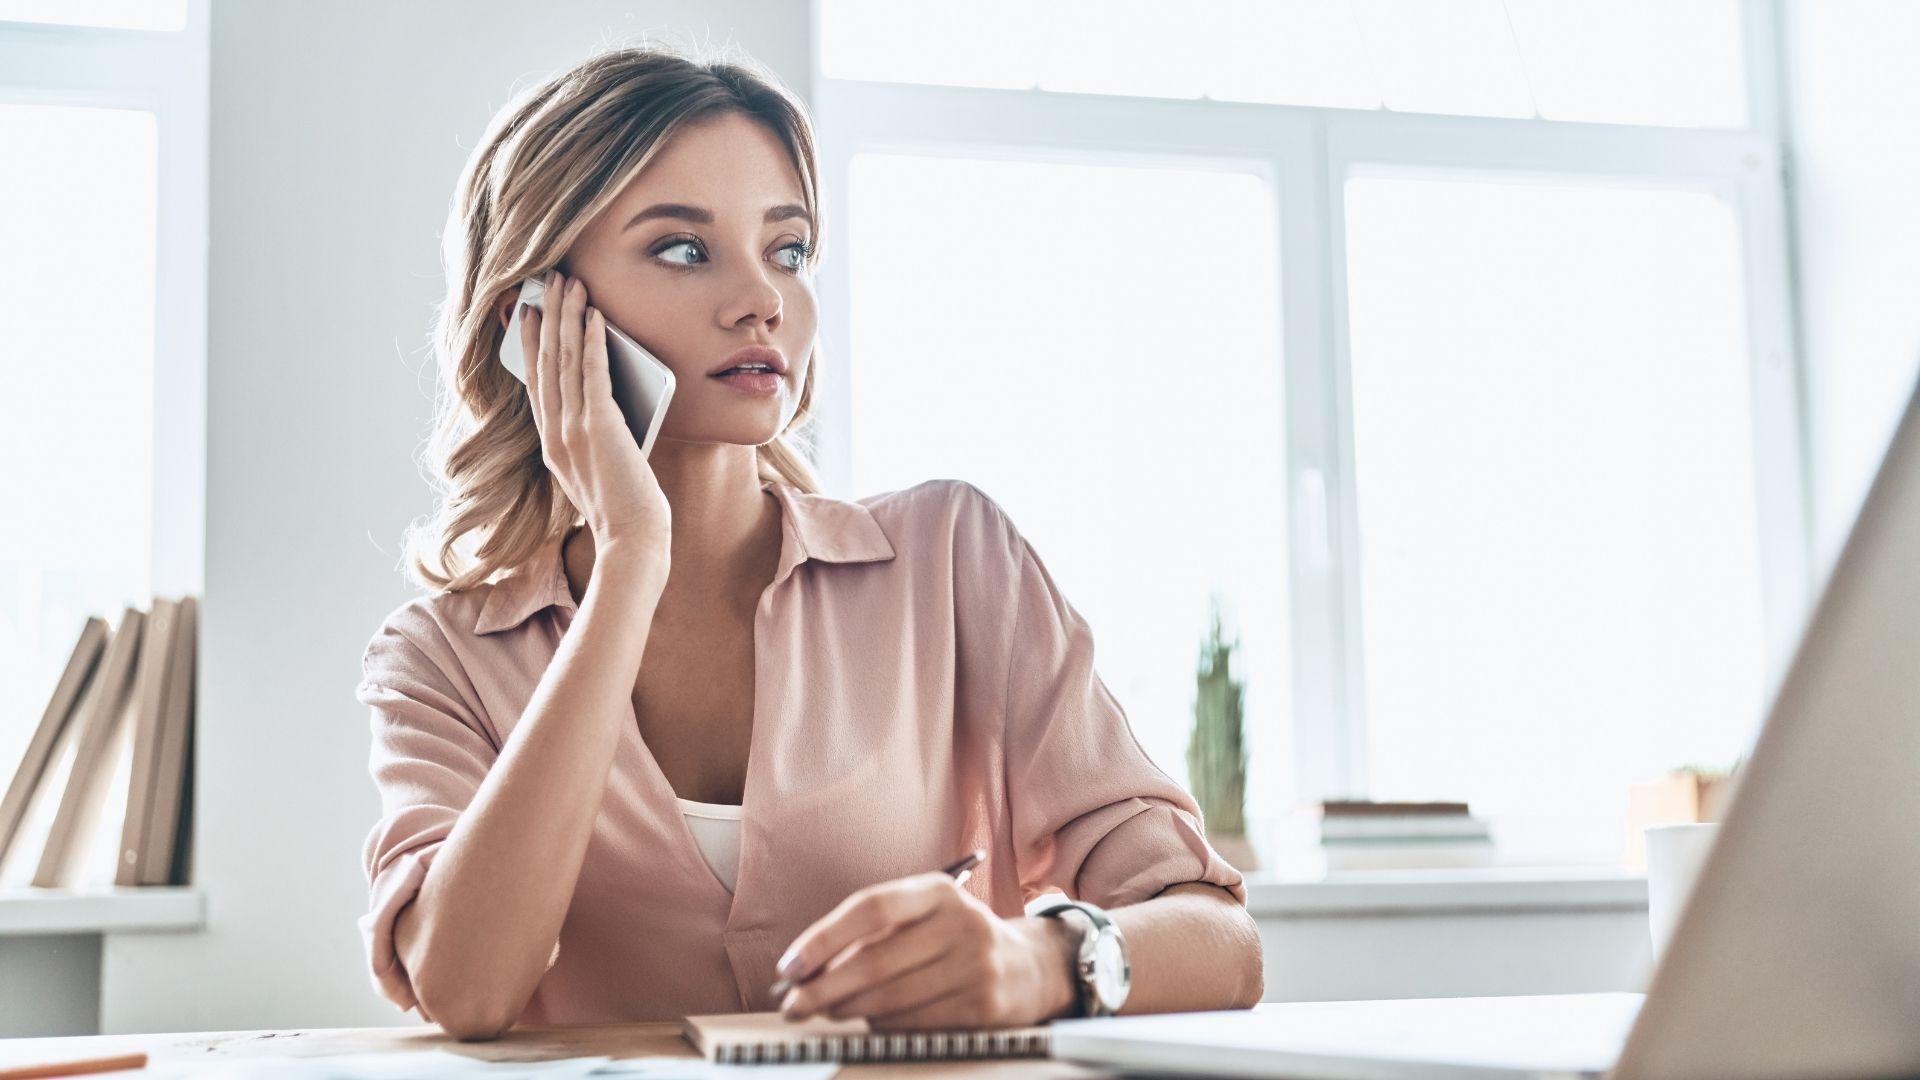 Comment trouver des clients en freelance?